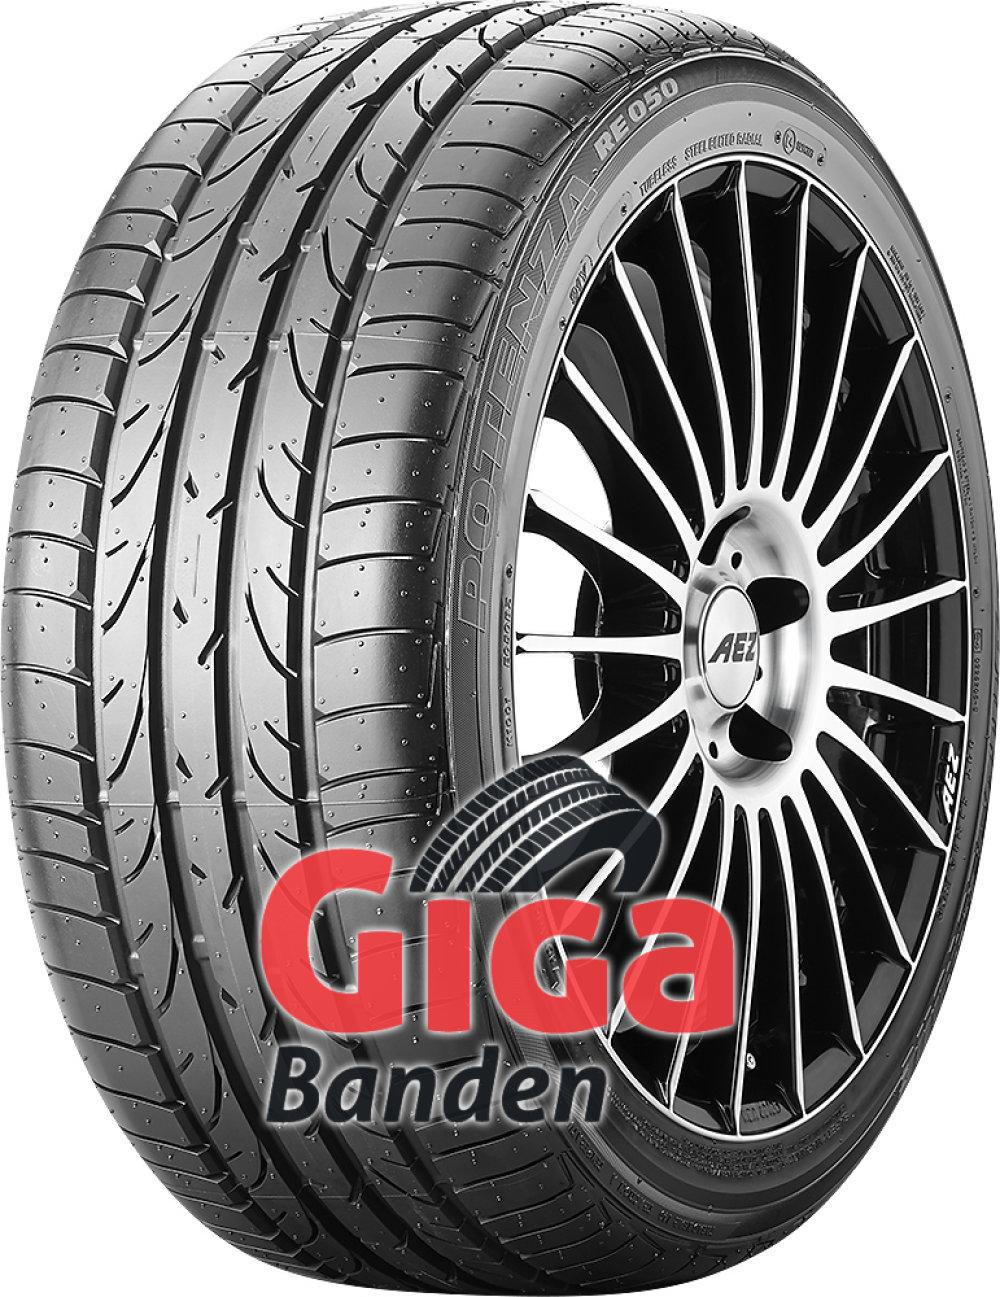 Bridgestone Potenza RE 050 ( 275/40 R19 101Y MO )